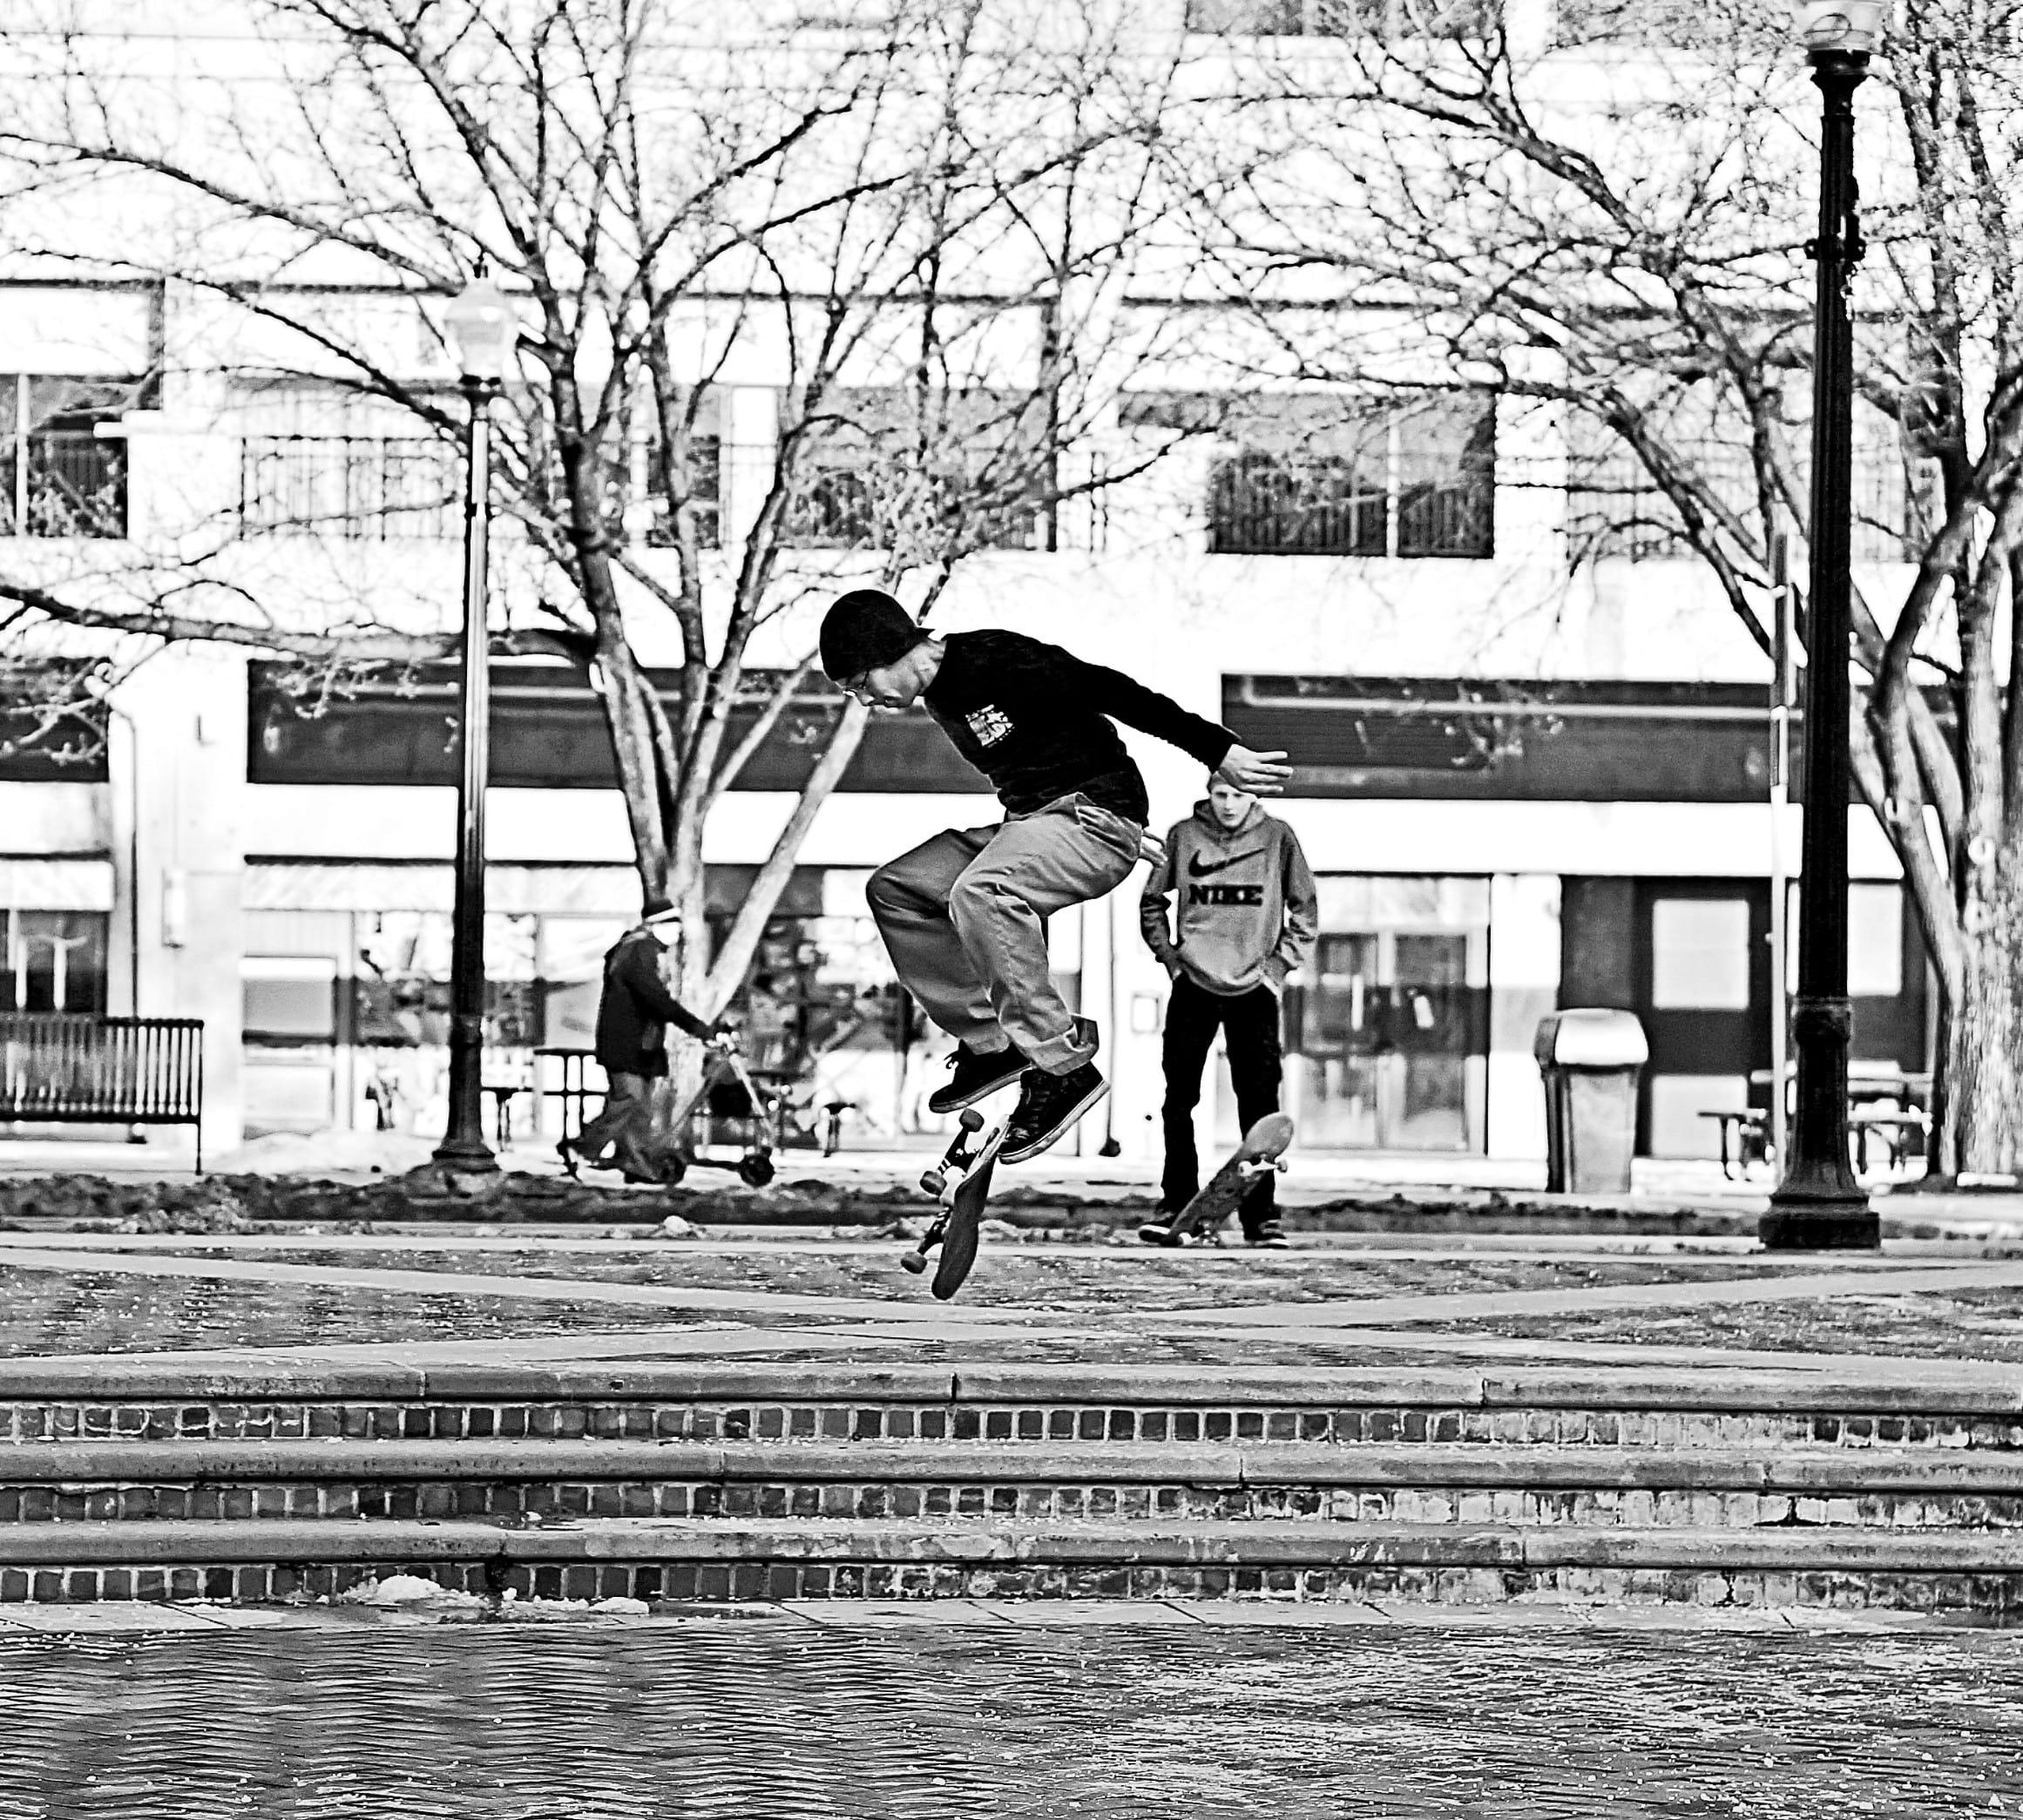 Skate I